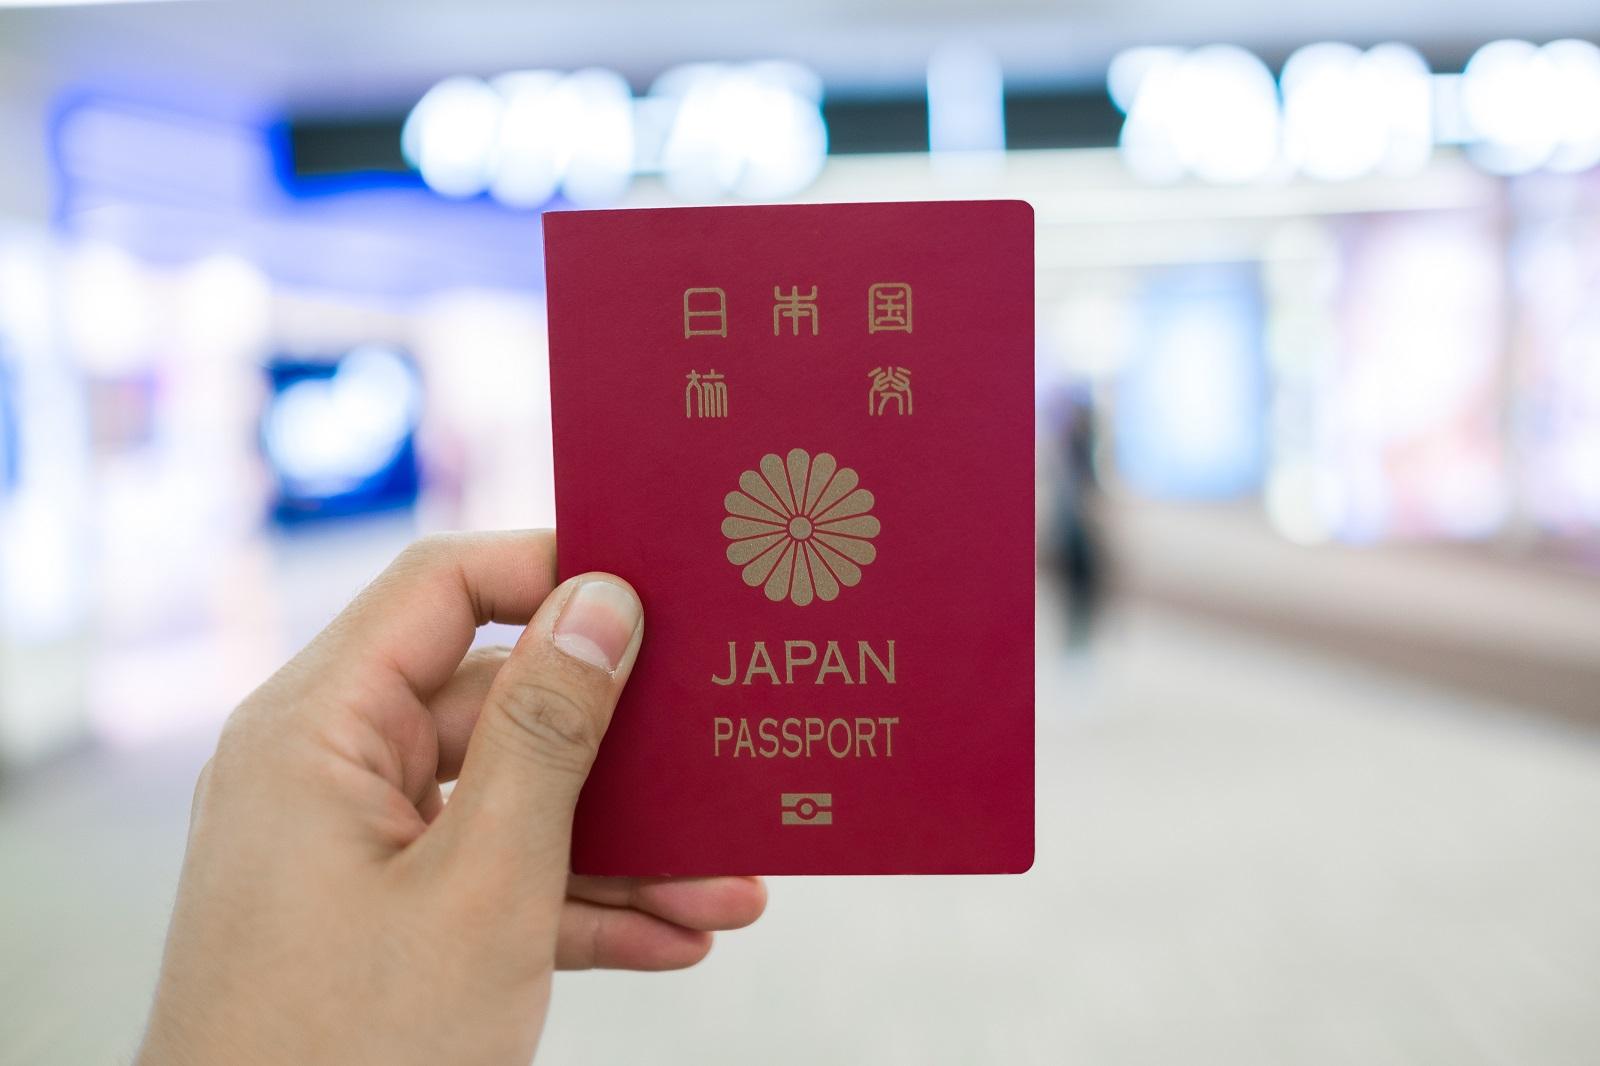 日本護照全球最好用 為何出國人數卻不多?